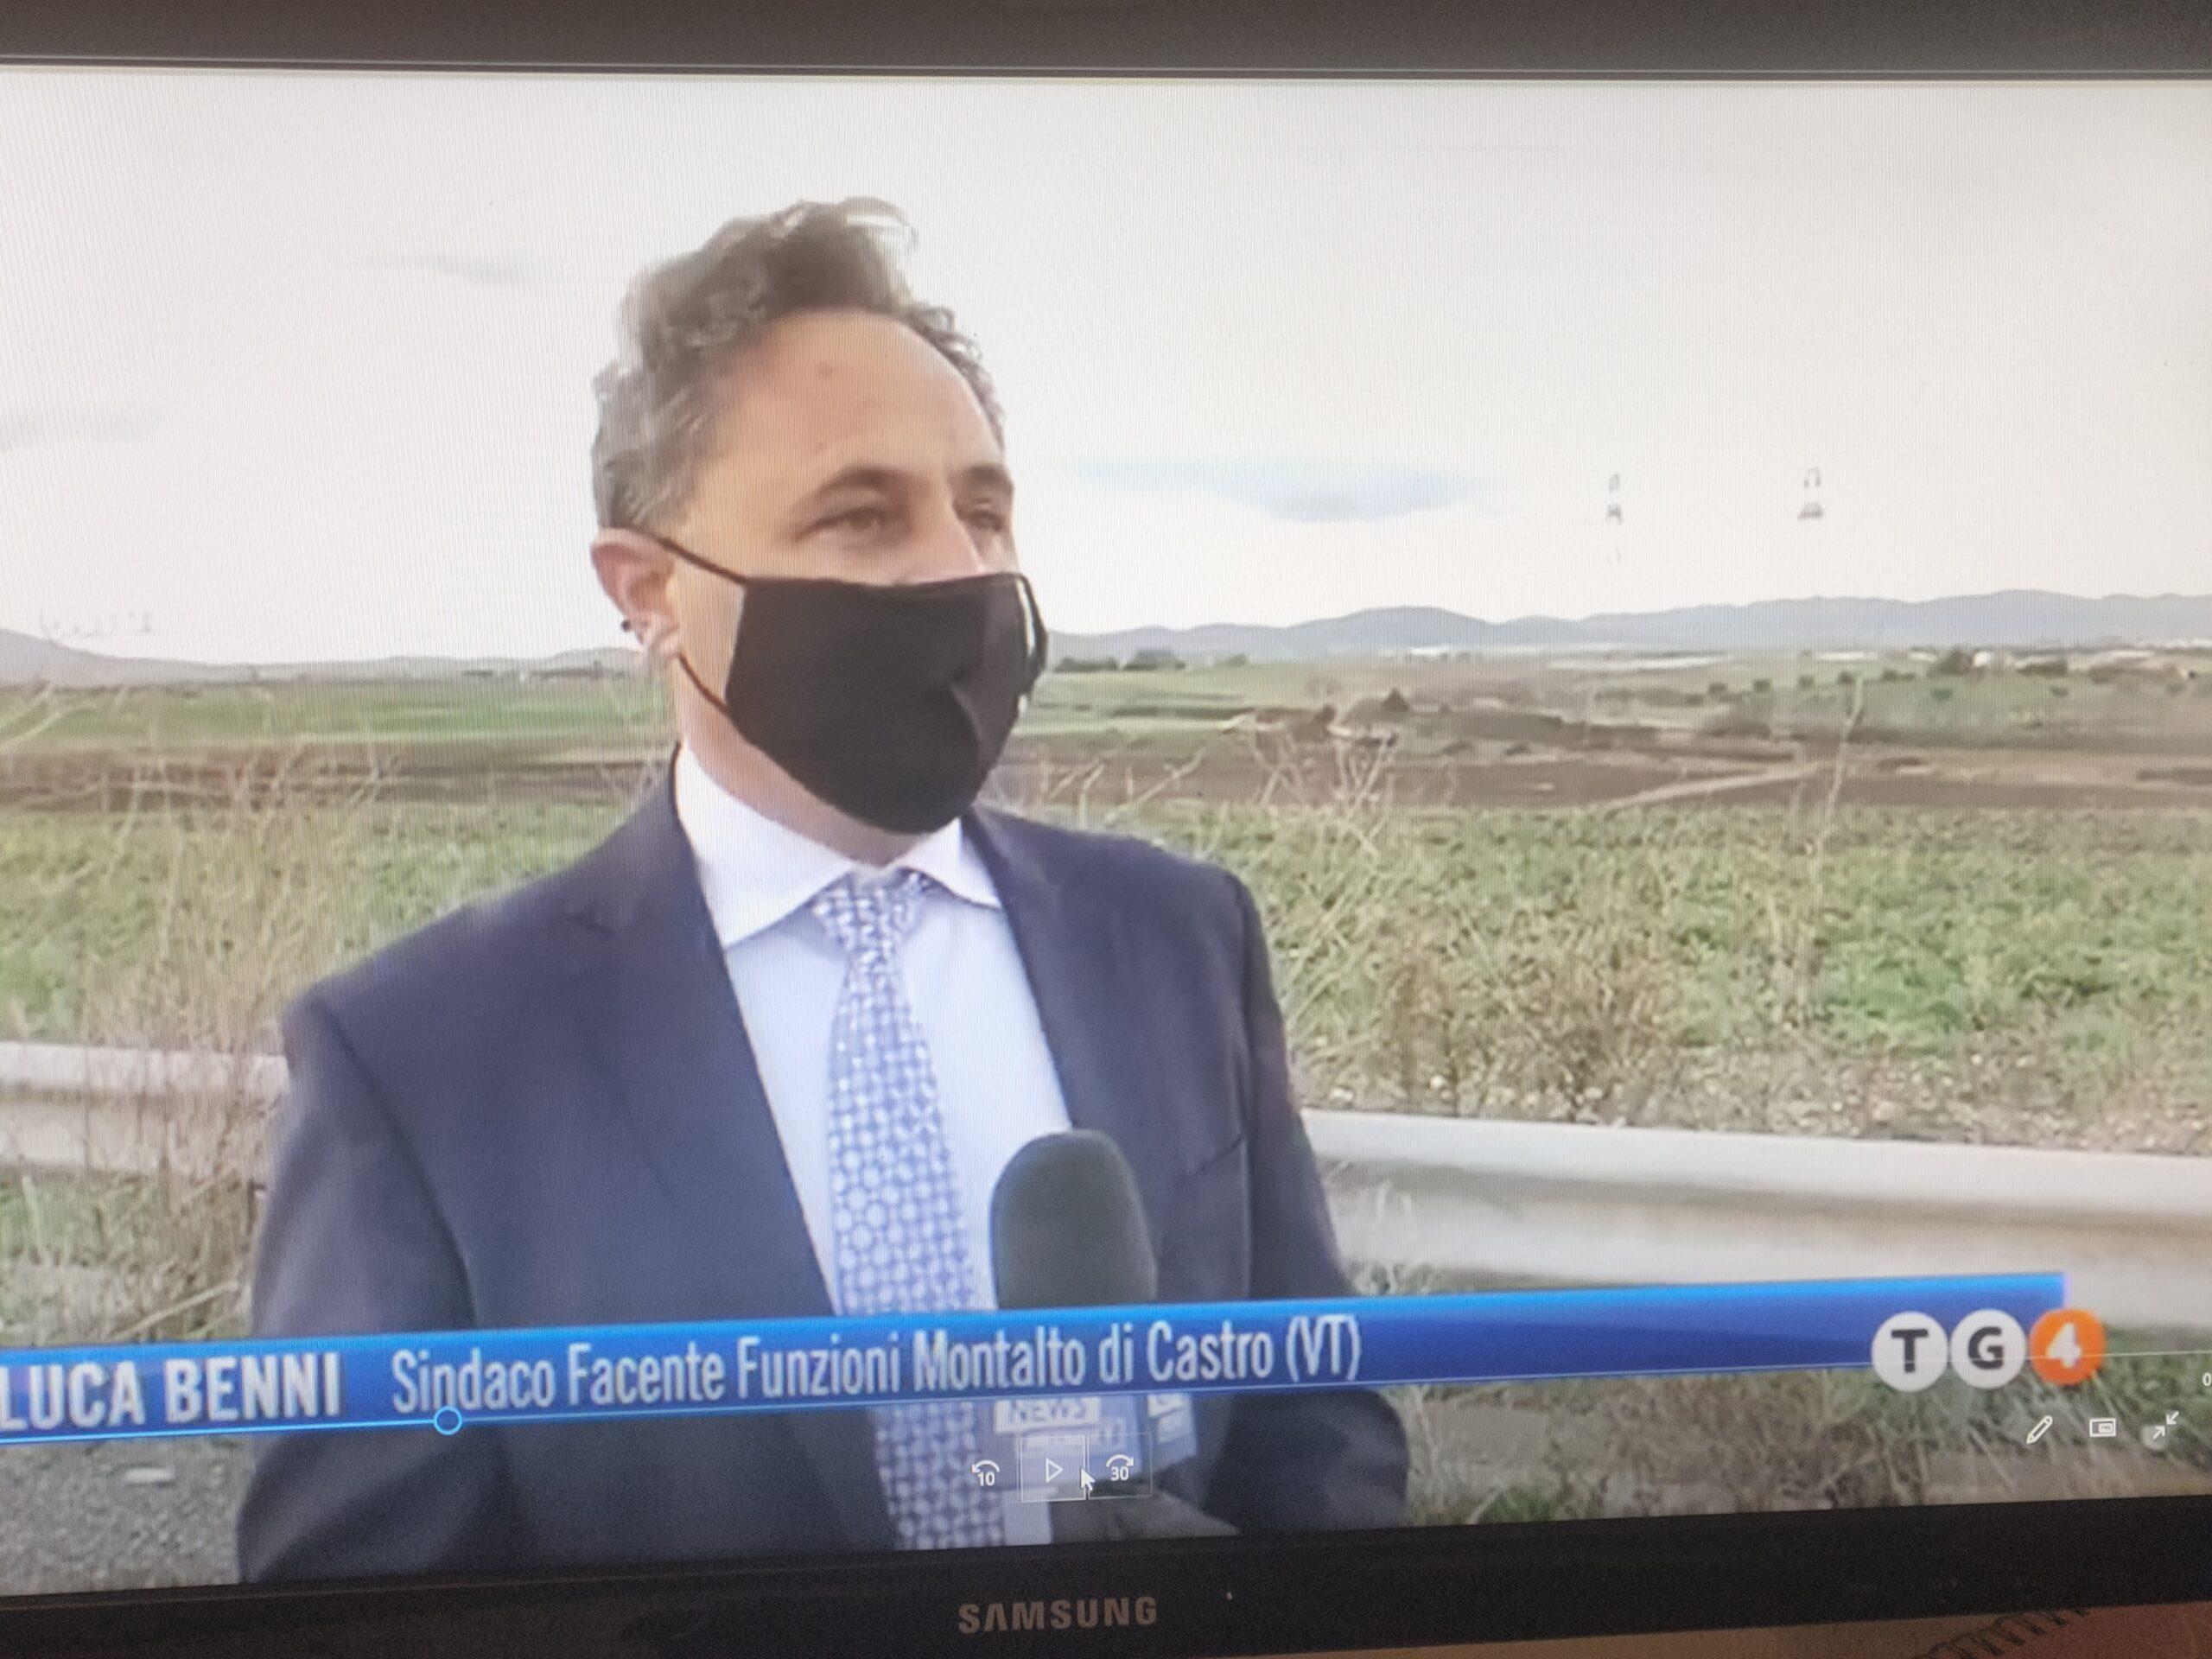 """Viterbo, scorie radioattive, il sindaco FF di Montalto di Castro Benni: """"Propongo al governo un tavolo tecnico ambientale permanente"""""""